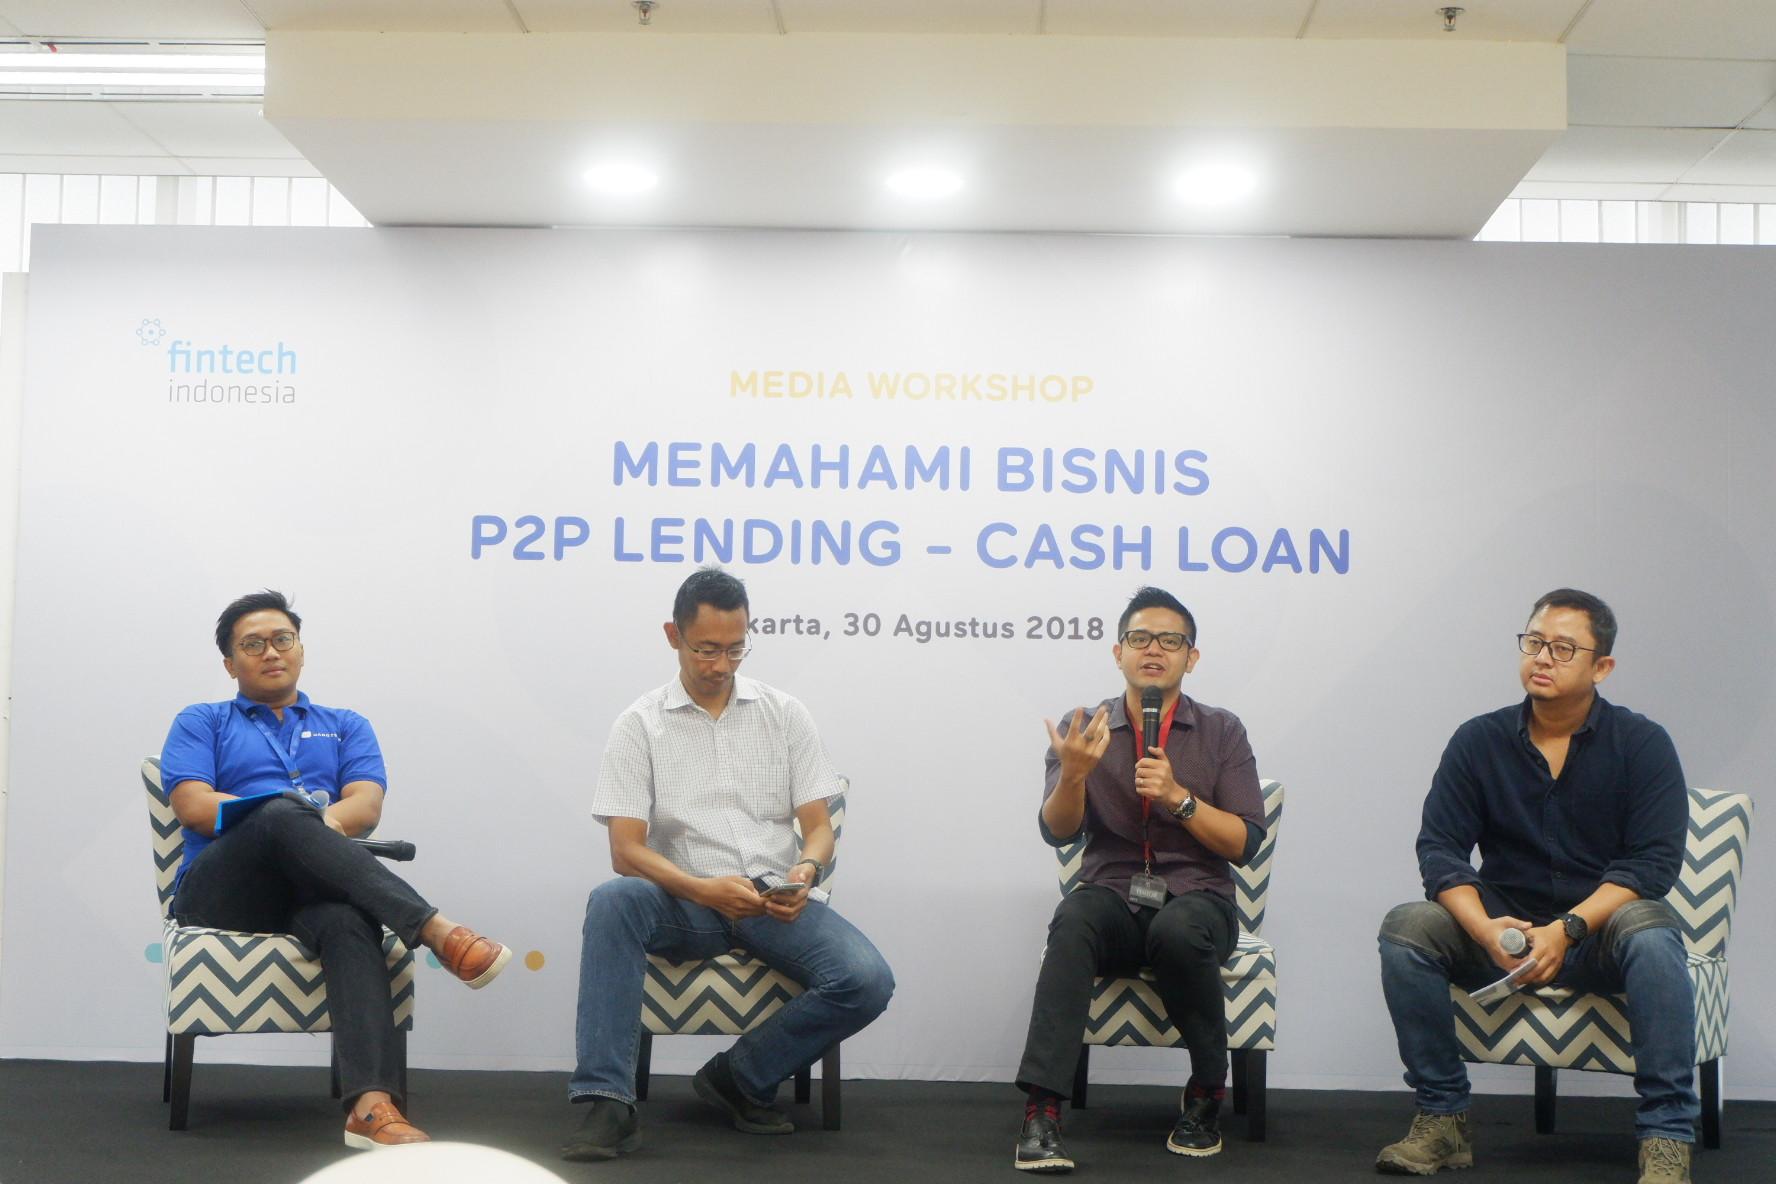 Memahami Bisnis P2P Lending dan Fintech Indonesia